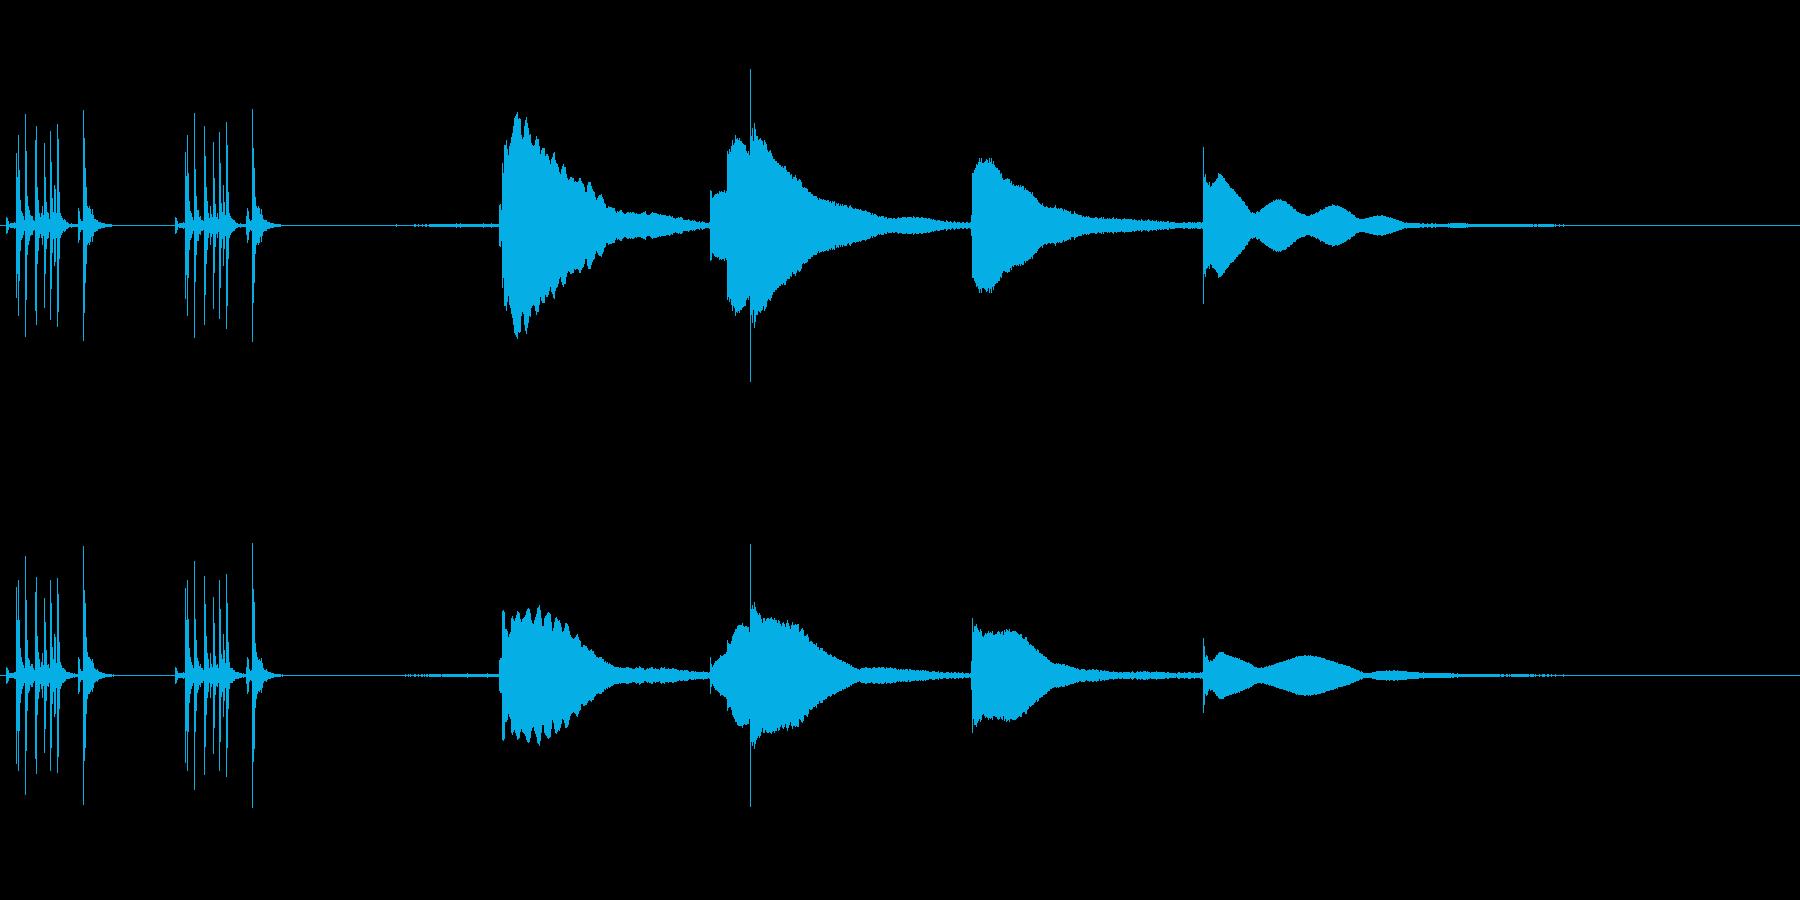 ジングル用オルゴール楽曲07-1の再生済みの波形